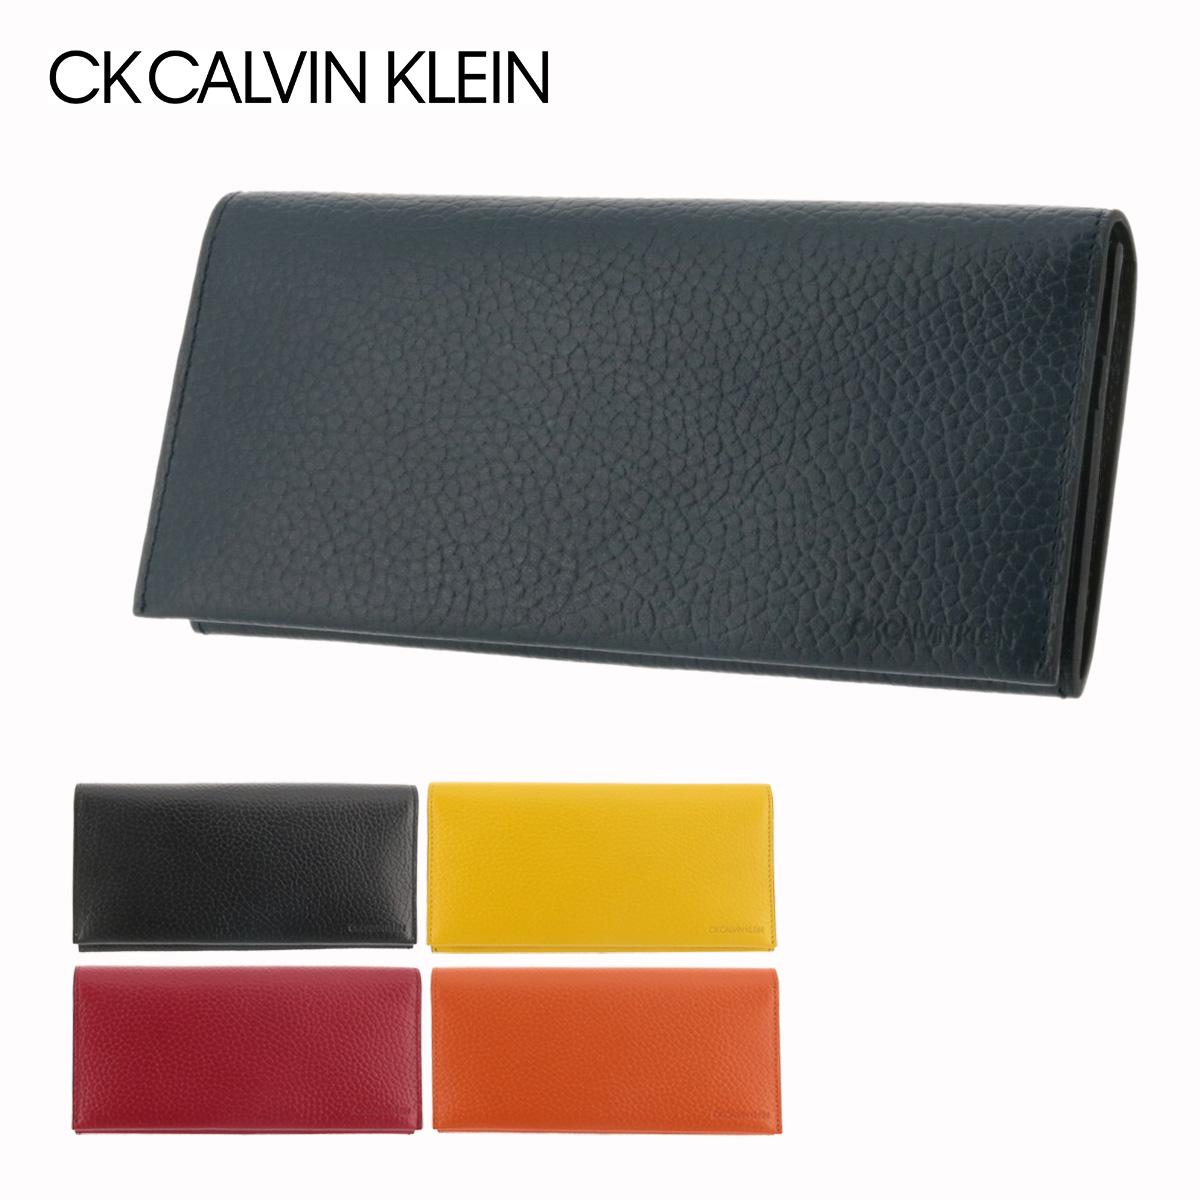 シーケー カルバンクライン 長財布 メンズ ラップ 820625 CK CALVIN KLEIN 本革 レザー[PO5][bef]